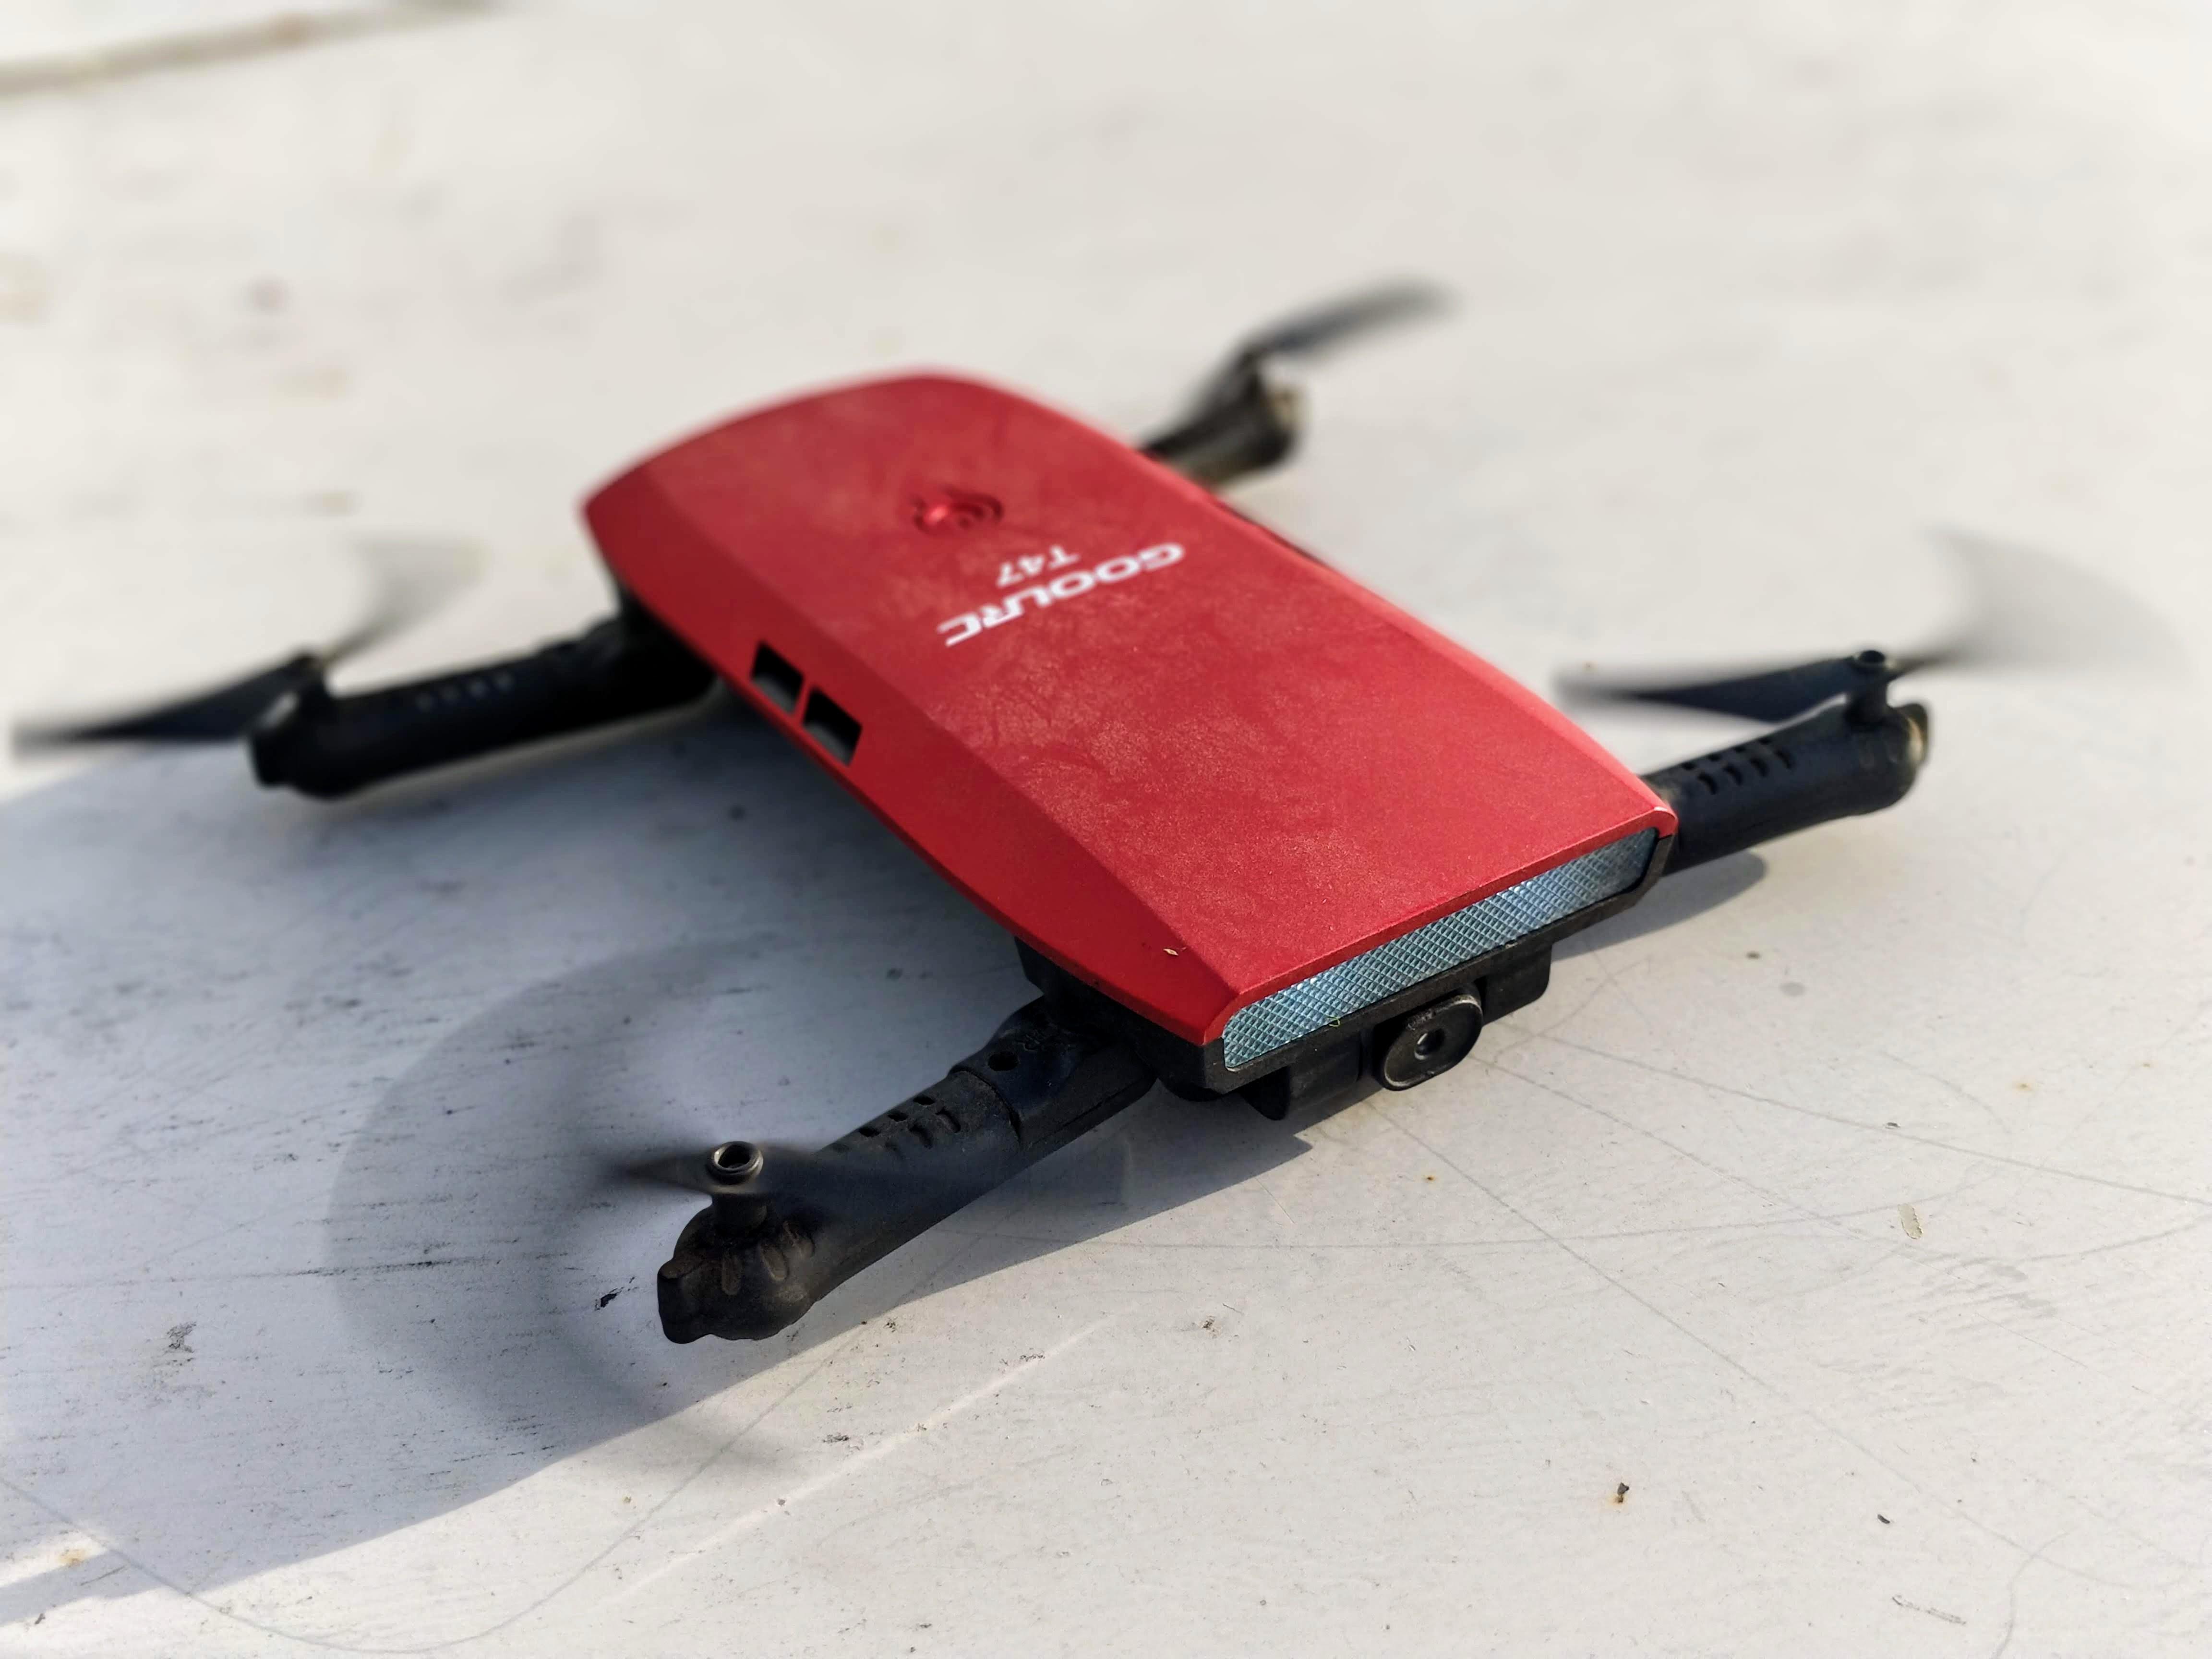 Dron GoolrRCT47 je skvělý prostředek pro naučení se lítat [recenze]